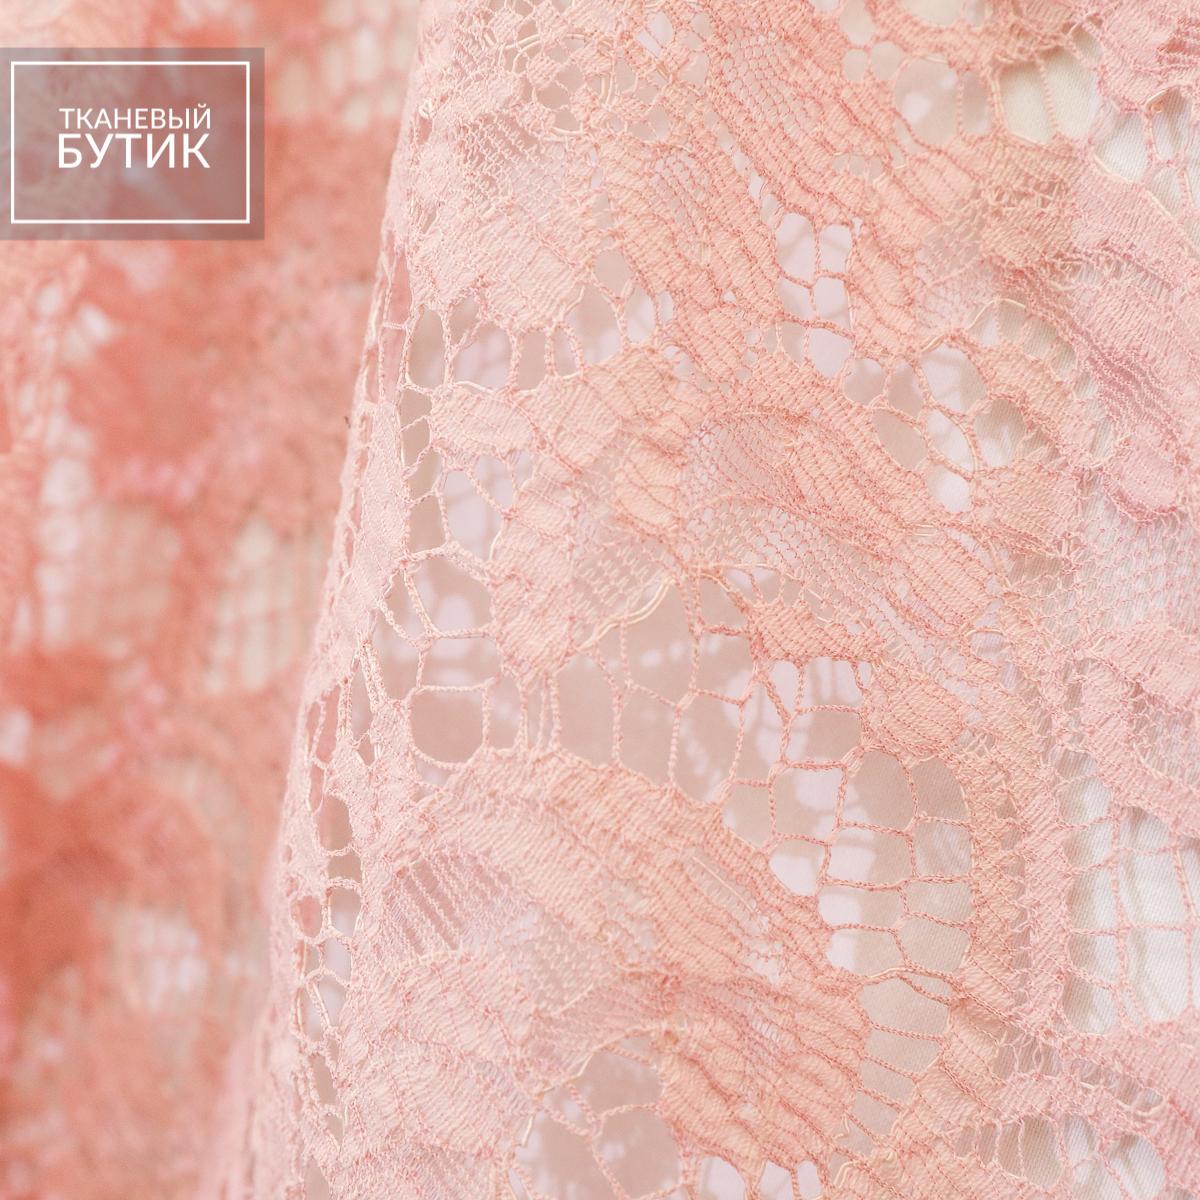 Французское кордовое кружево Riechers Marescot от Sophie Hallette, нежный розовый цвет